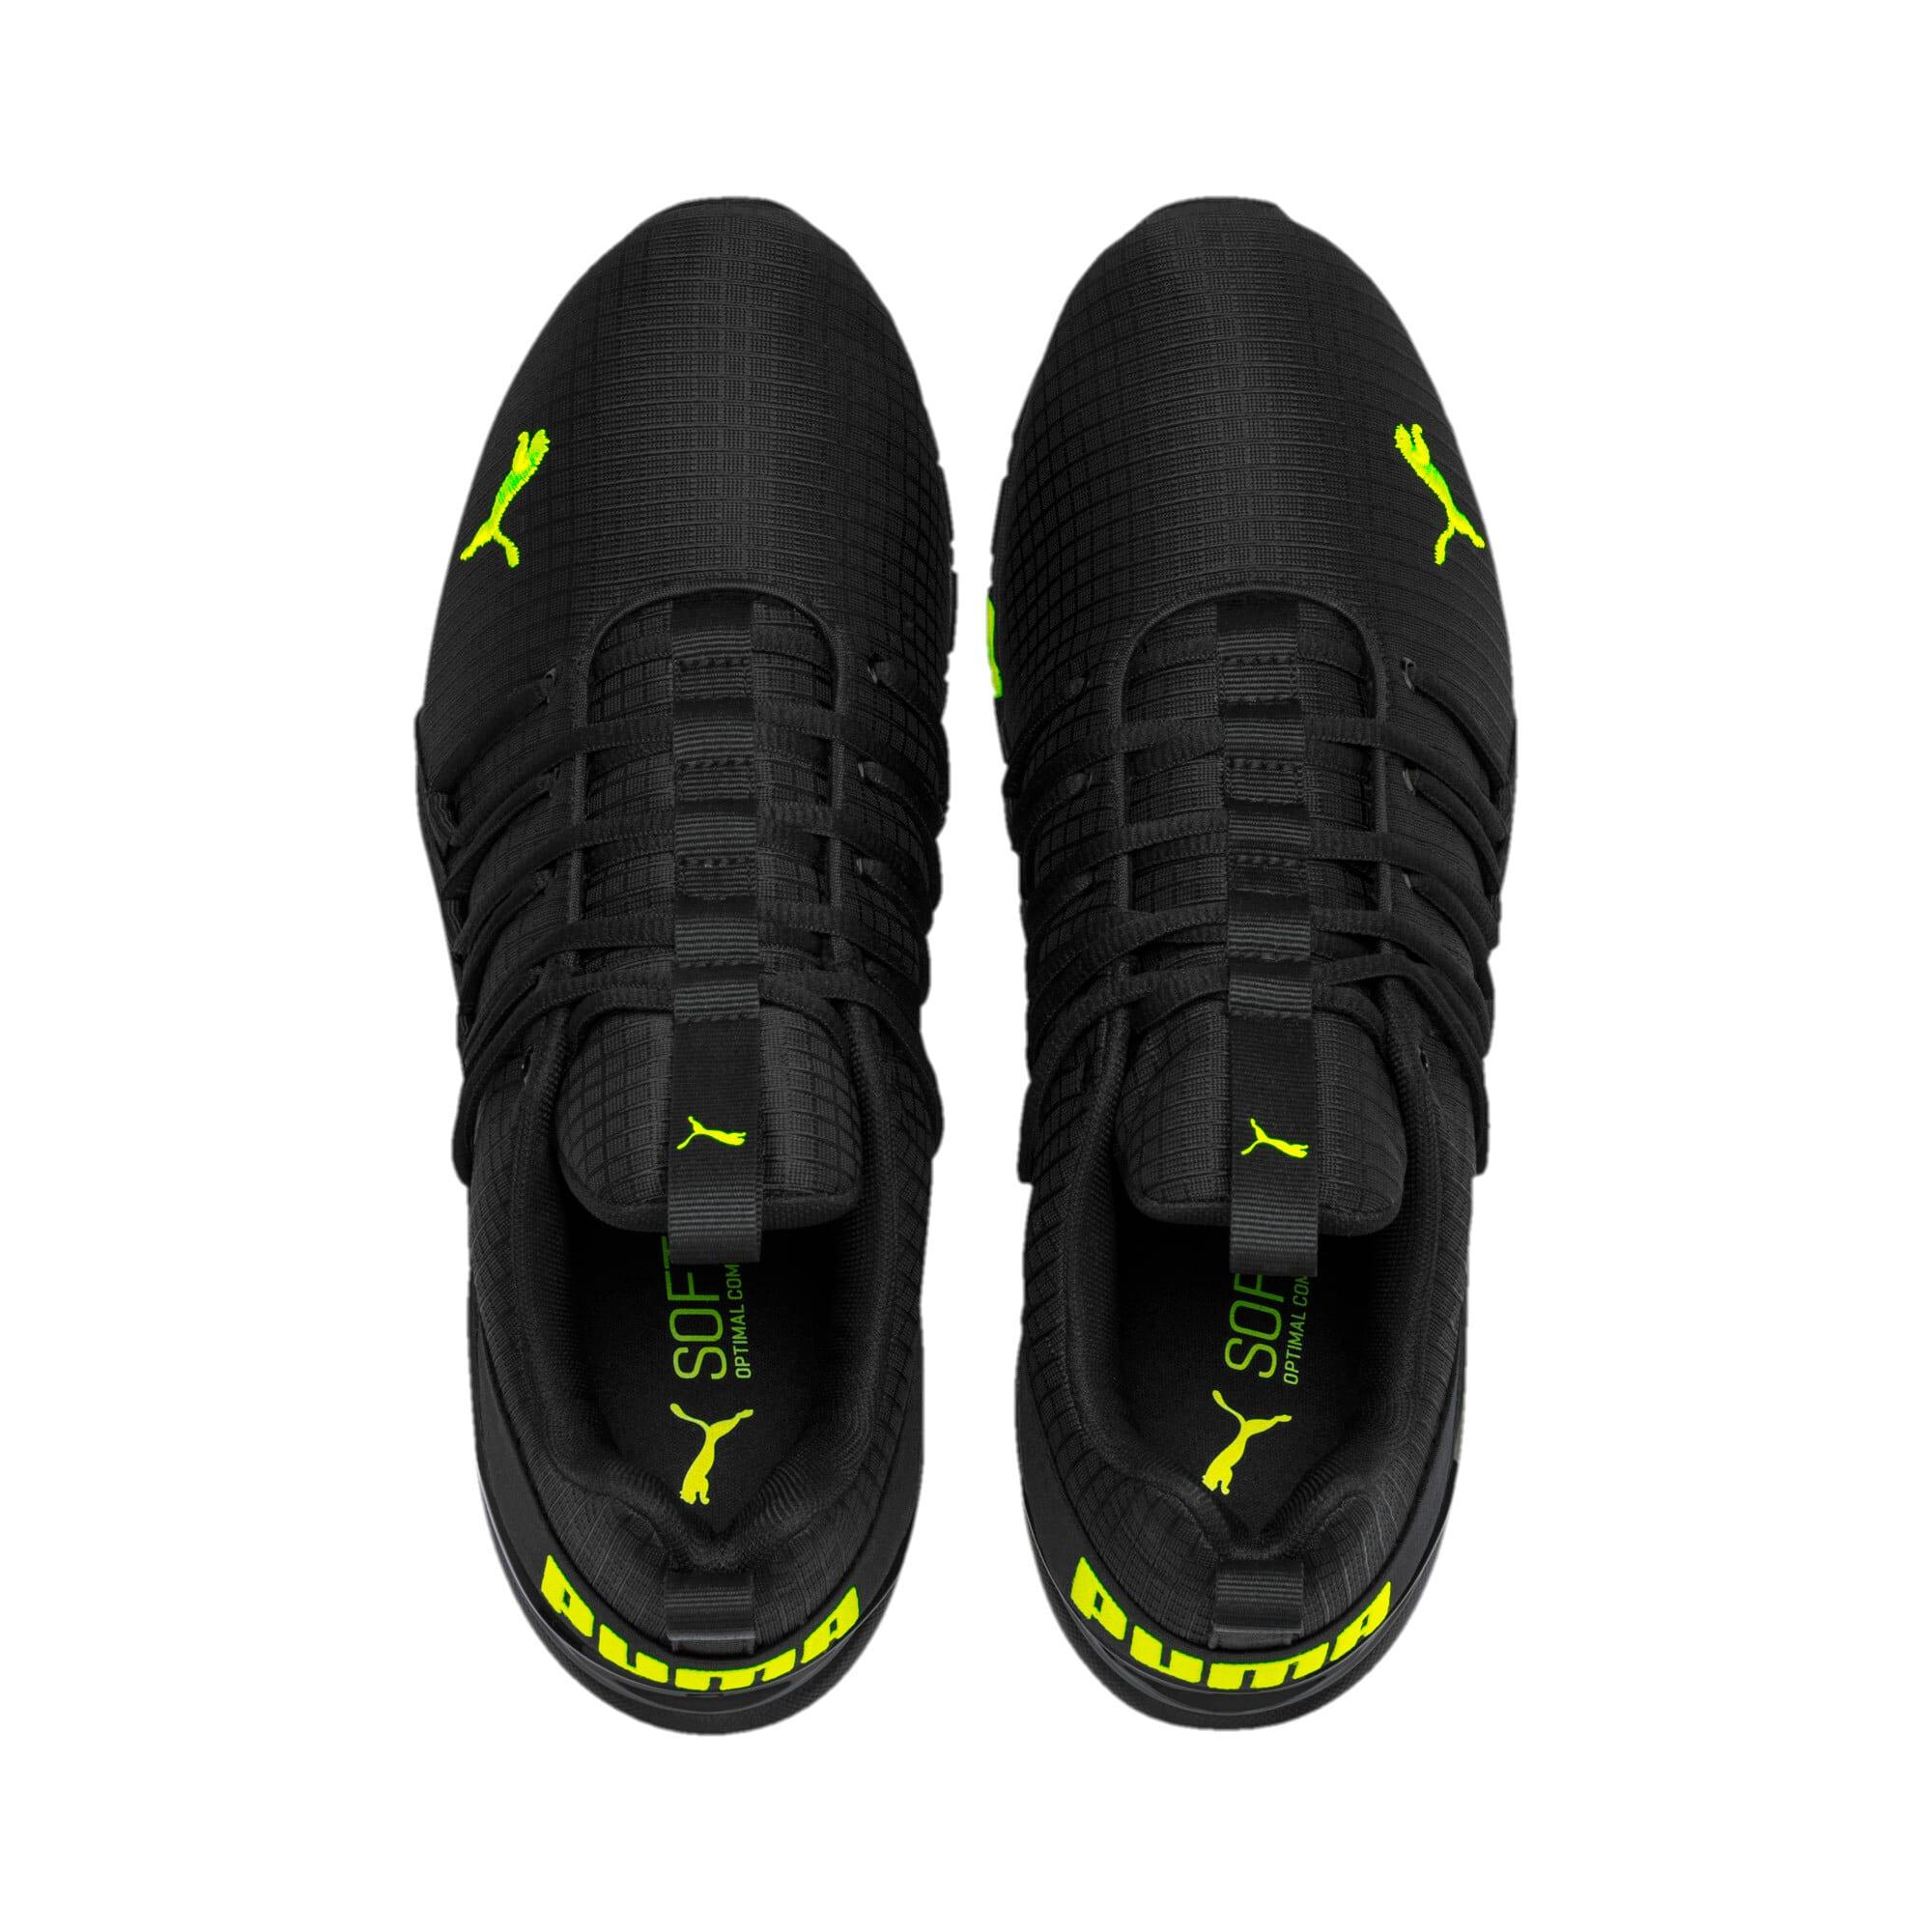 Miniatura 7 de Zapatos de entrenamiento Axelion Rip para hombre, Puma Black-Yellow Alert, mediano